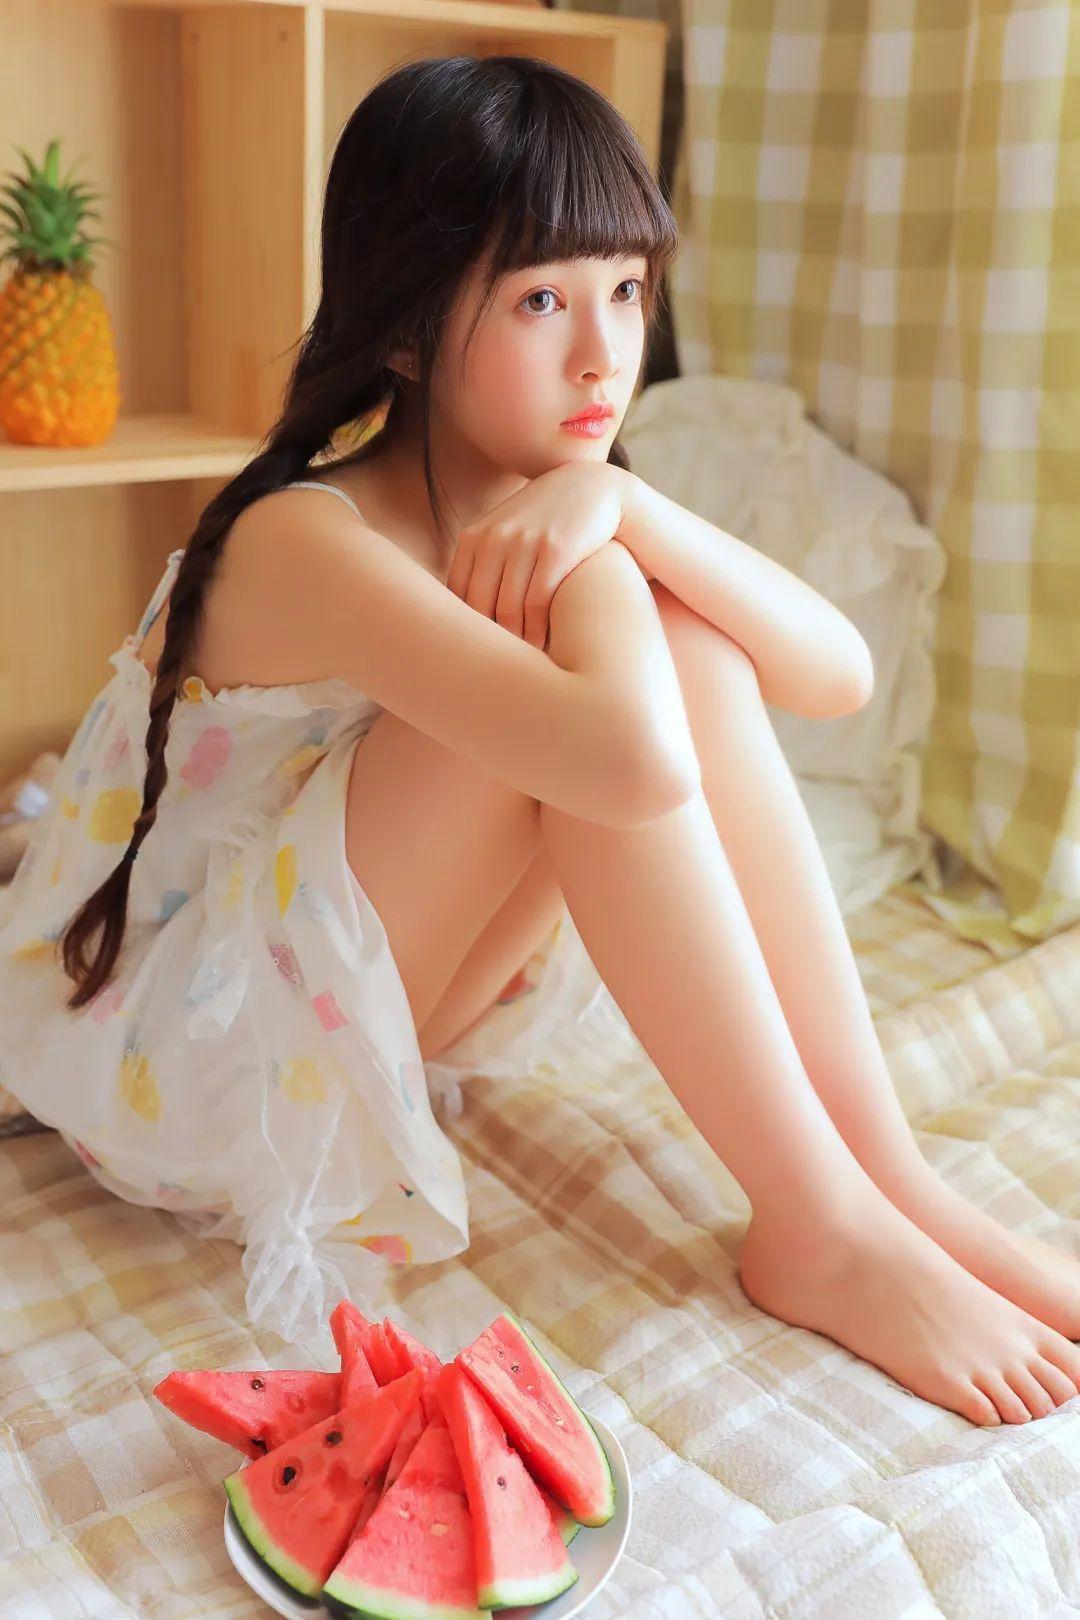 妹子摄影 – 甜美连衣裙双马尾少女吃西瓜_图片 No.6